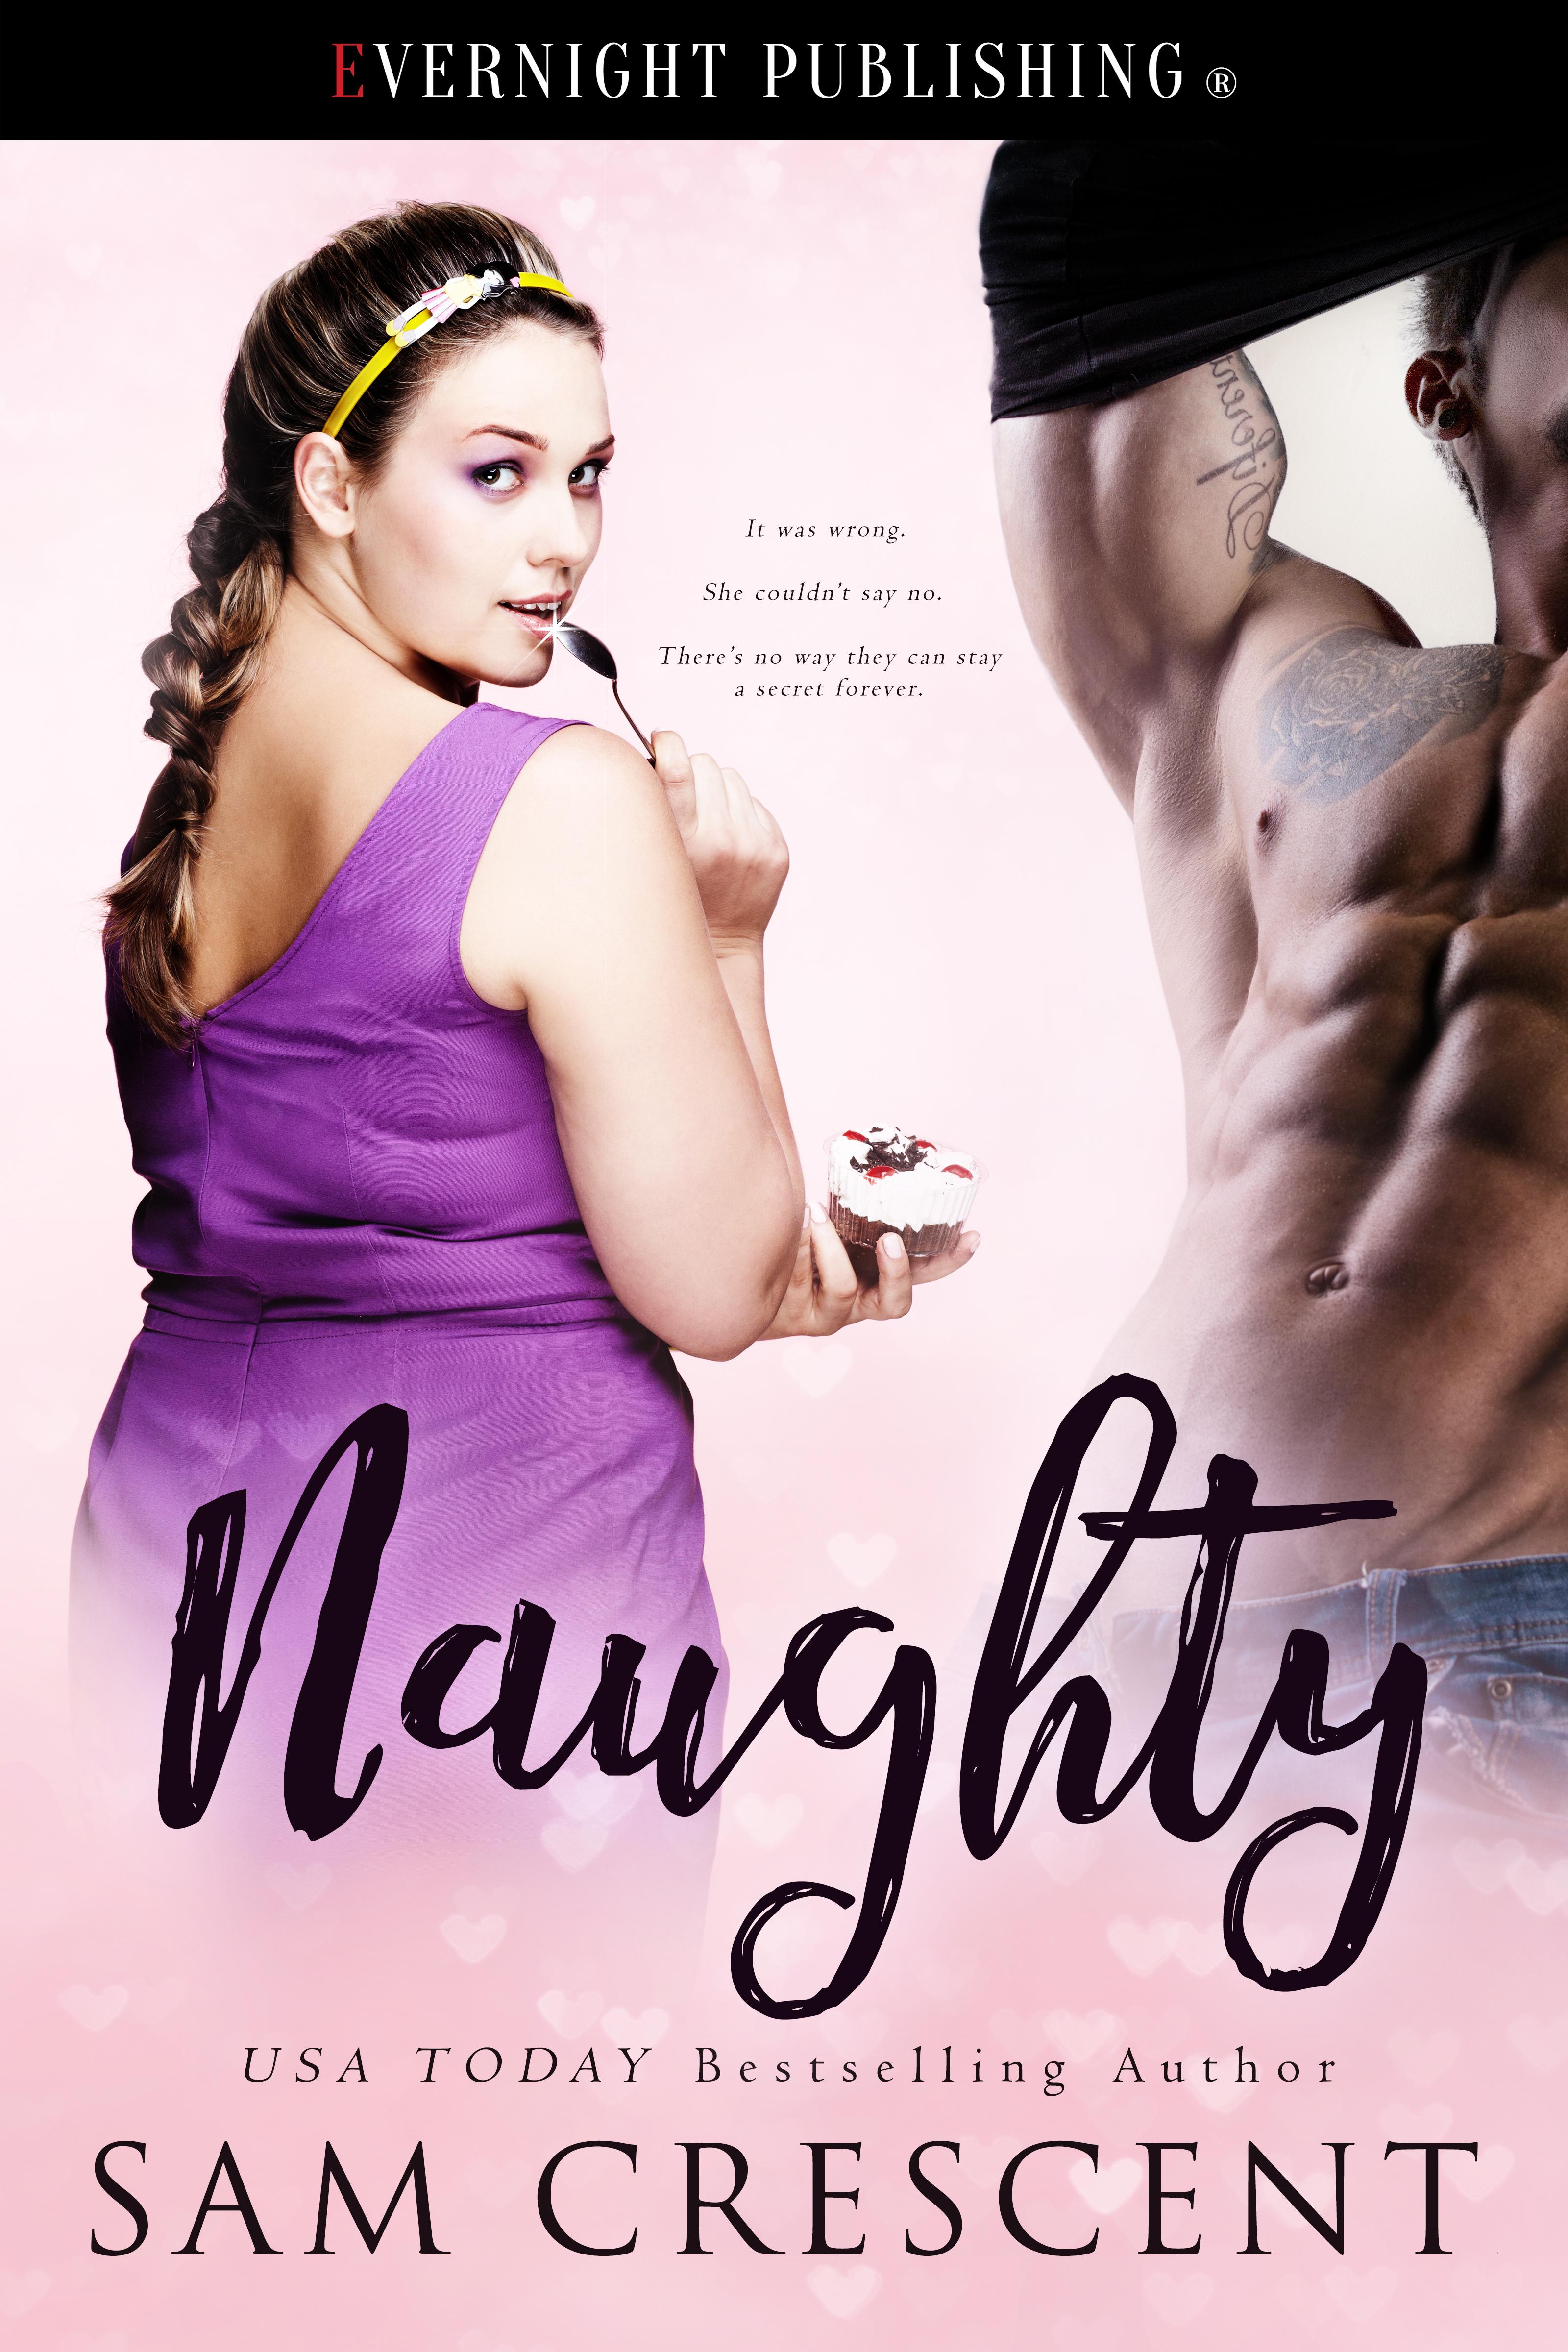 naughty-evernightpublishing-nov2016-3